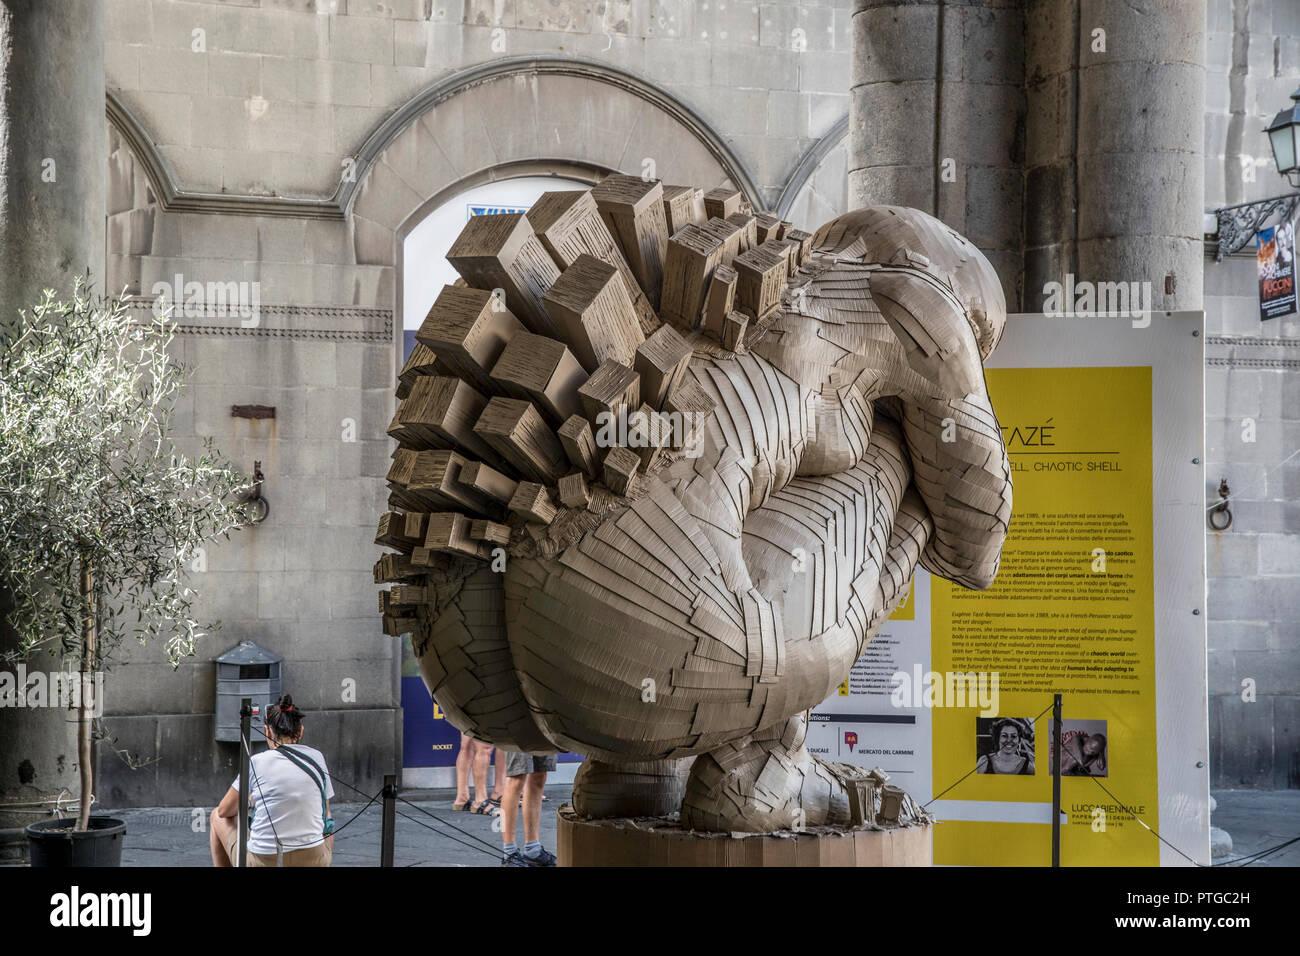 Silent Shell Shell caotica. Una scultura di Eugenie Taze-Bernard. Nel centro storico di Lucca, Toscana, Italia Immagini Stock